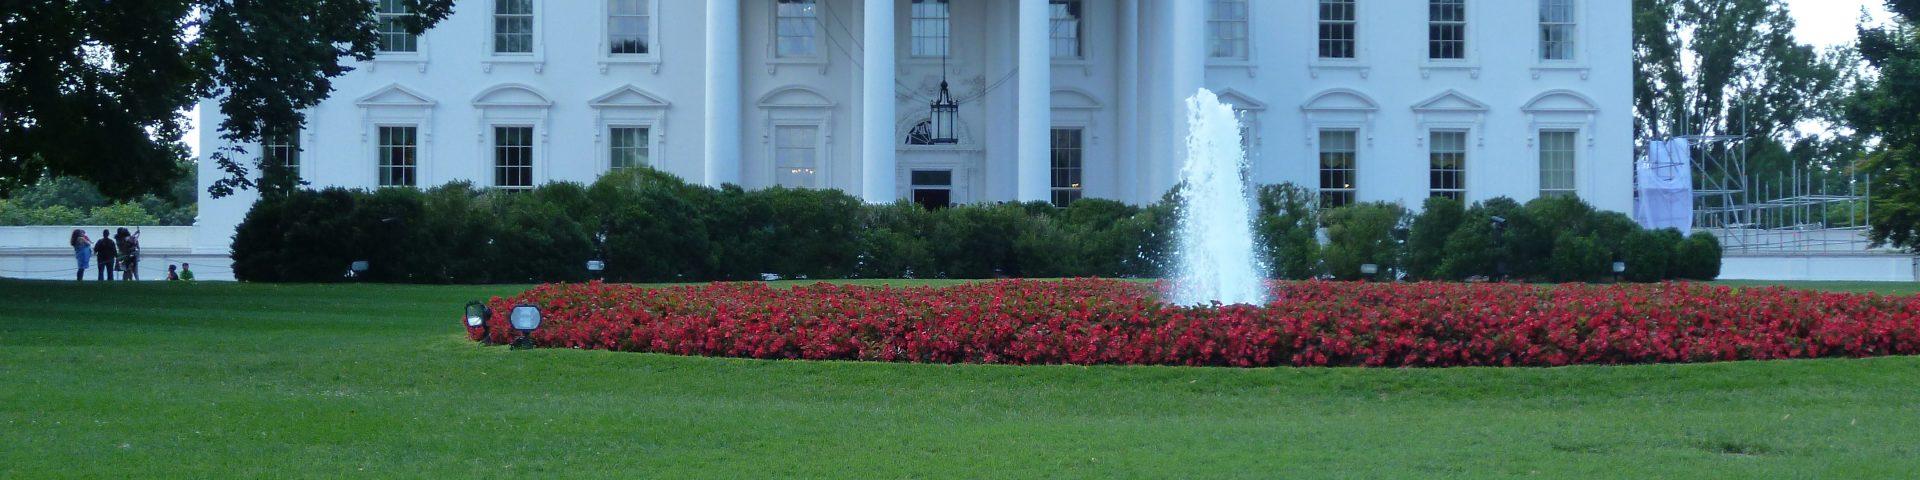 Resesidan.se om Washington DC